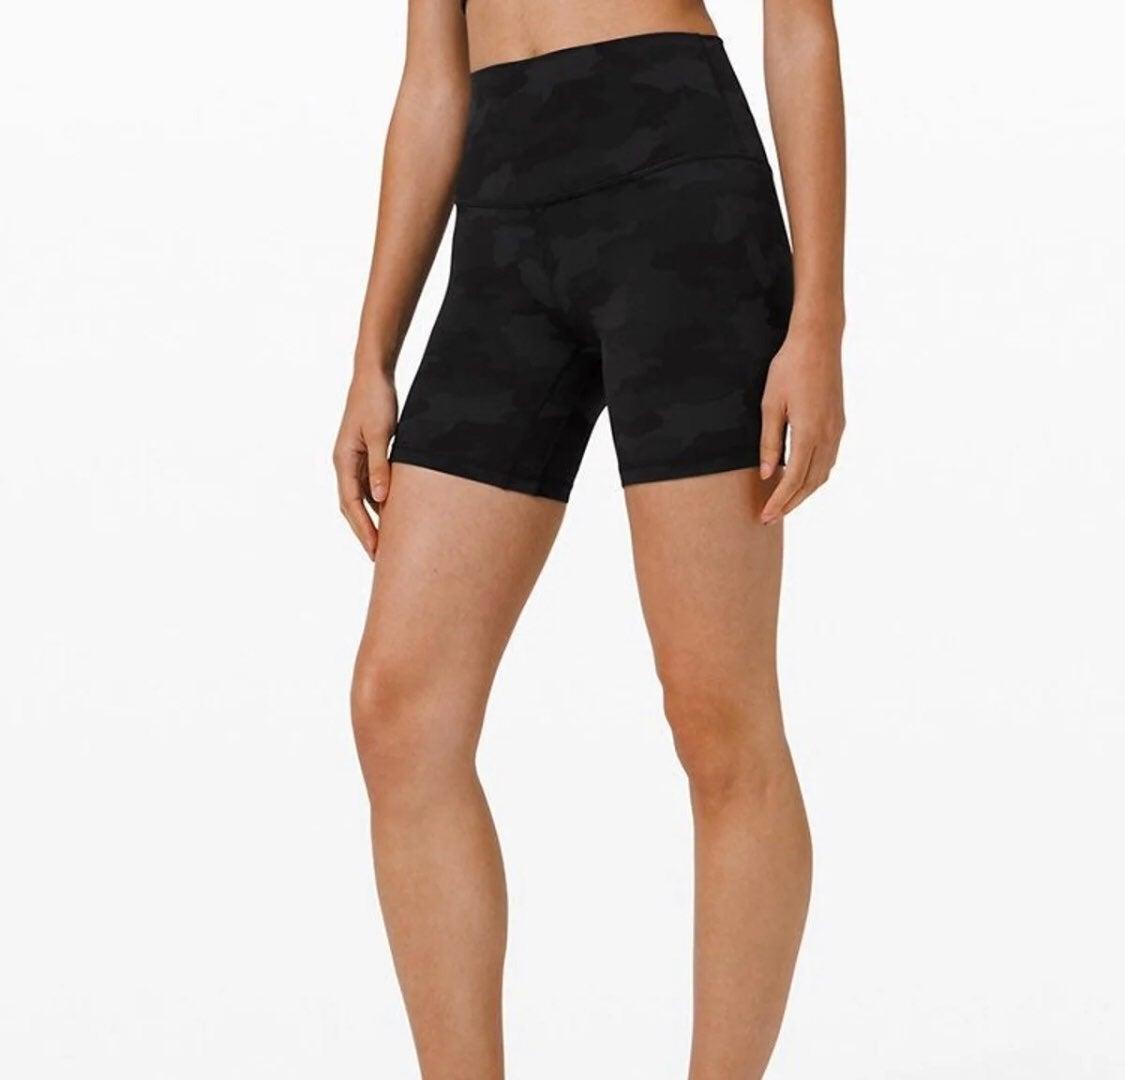 Nwt Lululemon Align shorts 365 camo 6